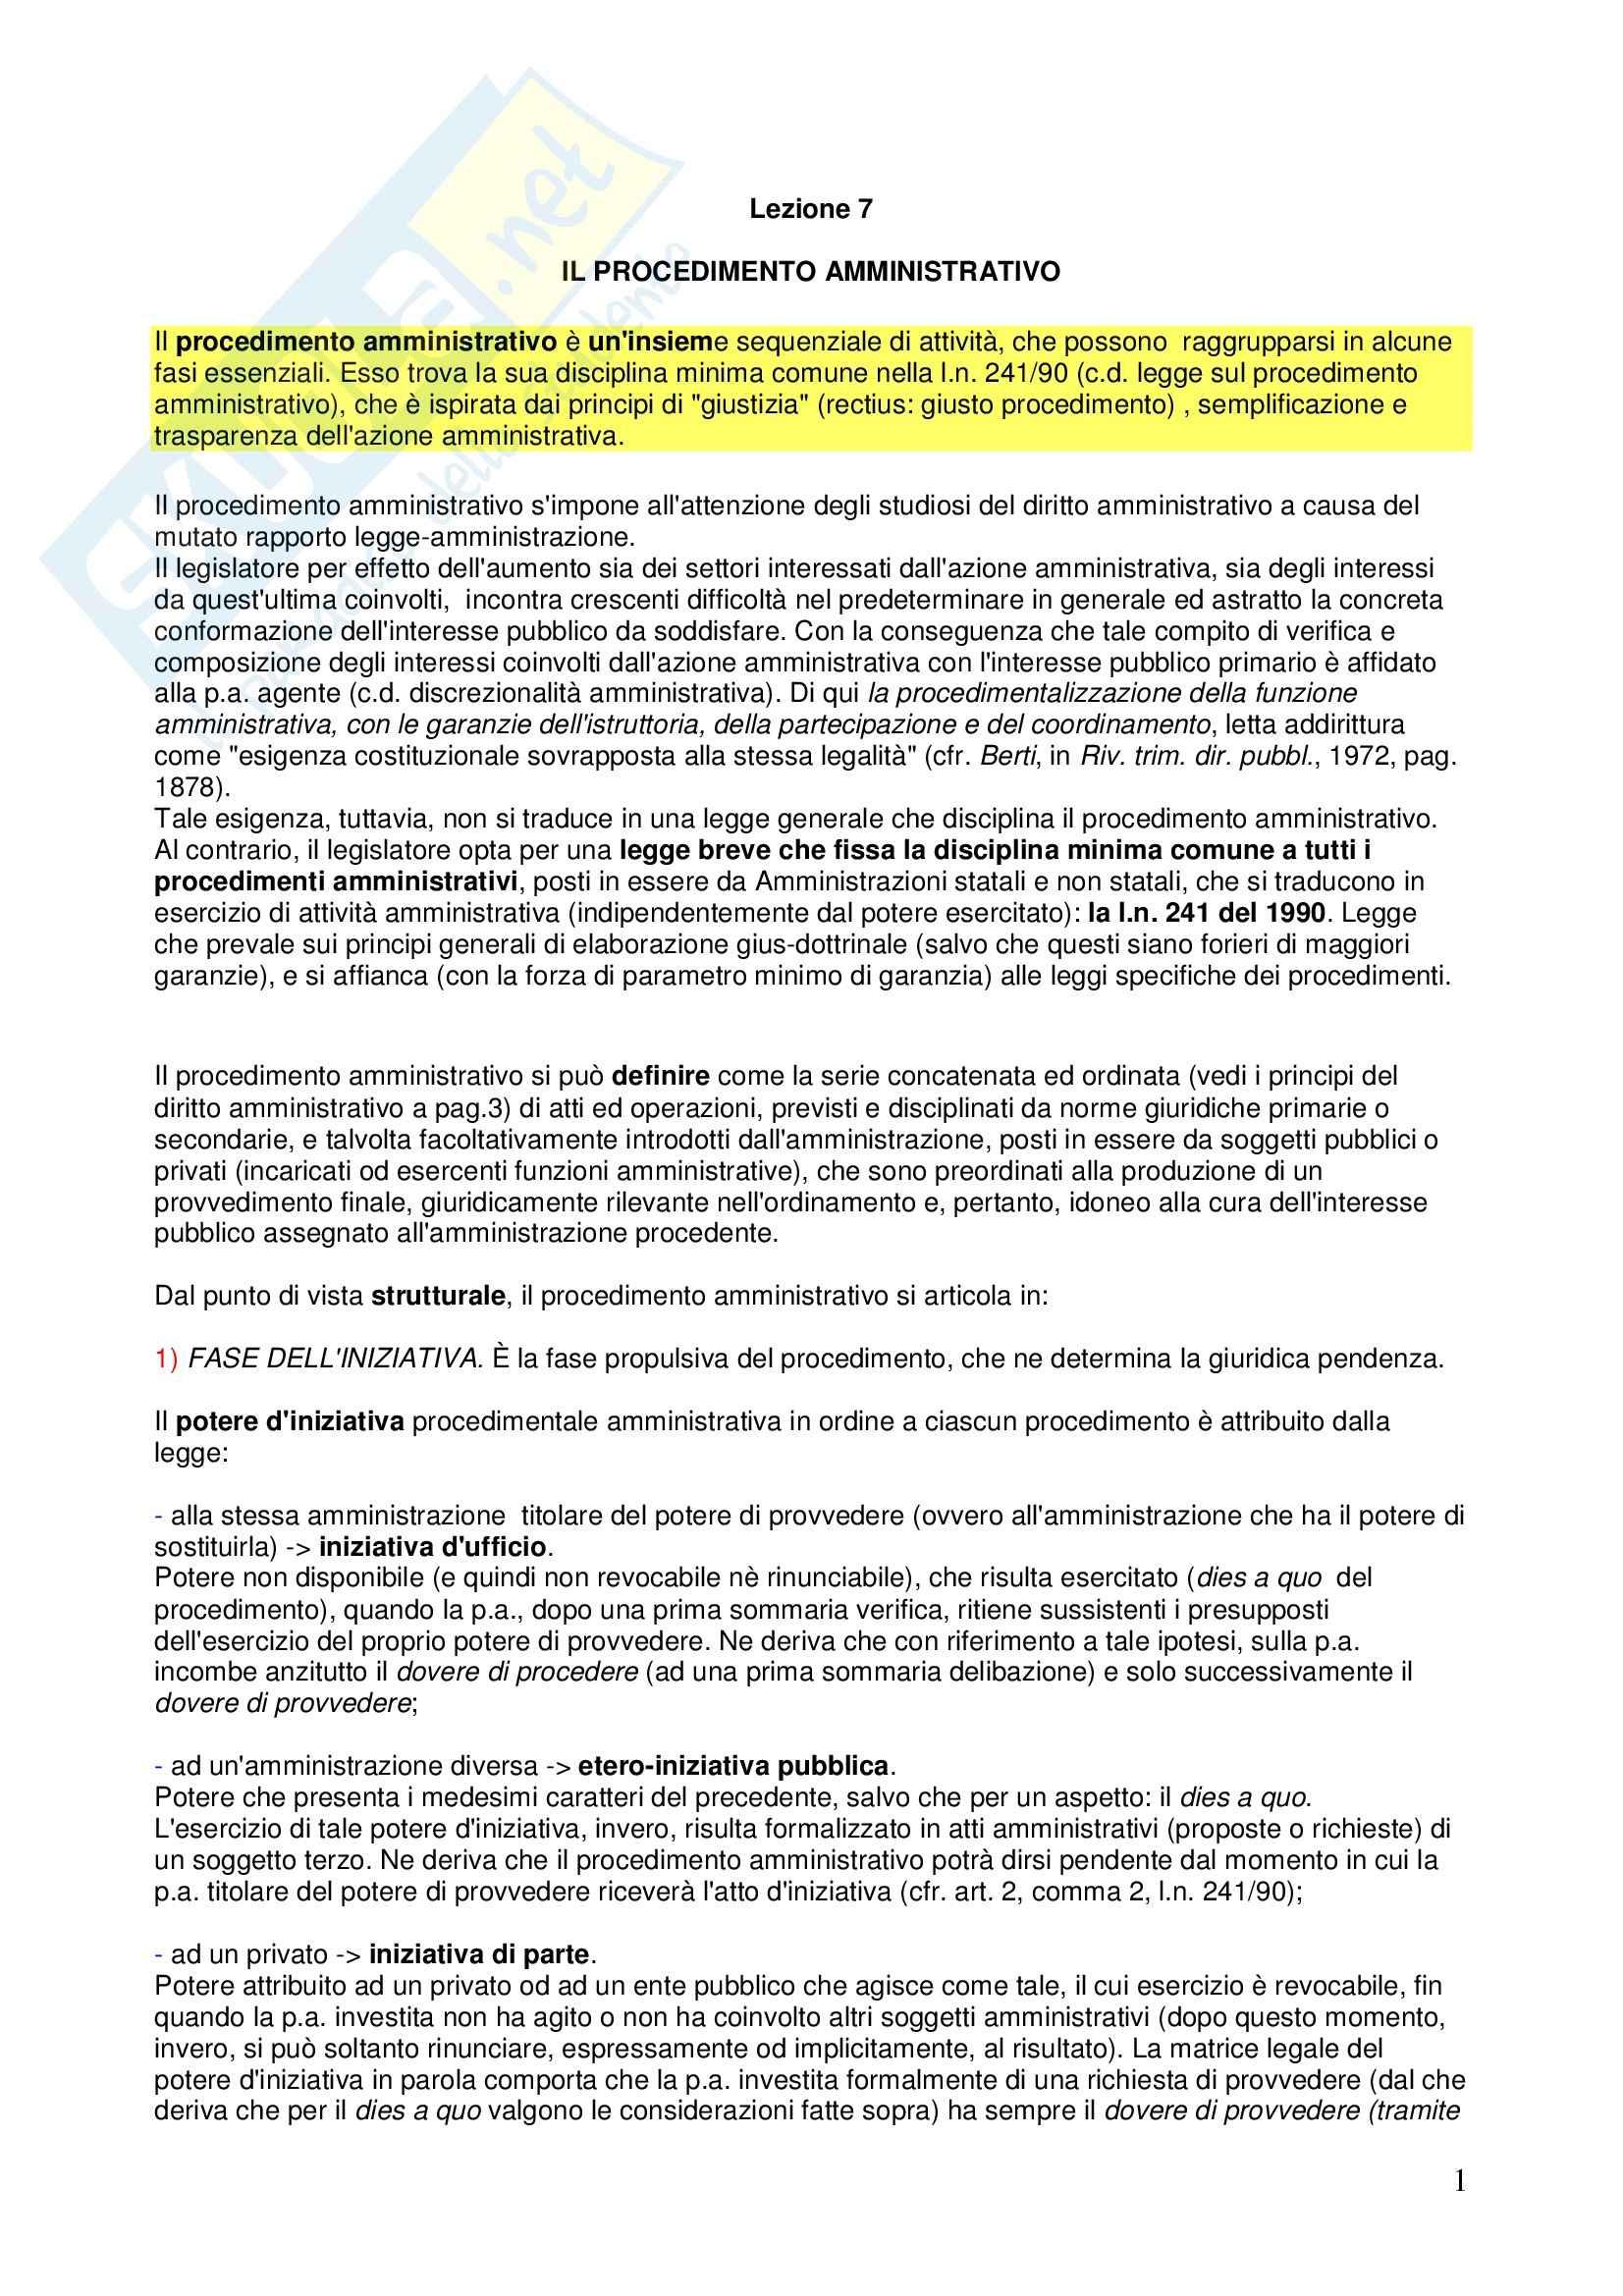 appunto F. Liguori Diritto amministrativo